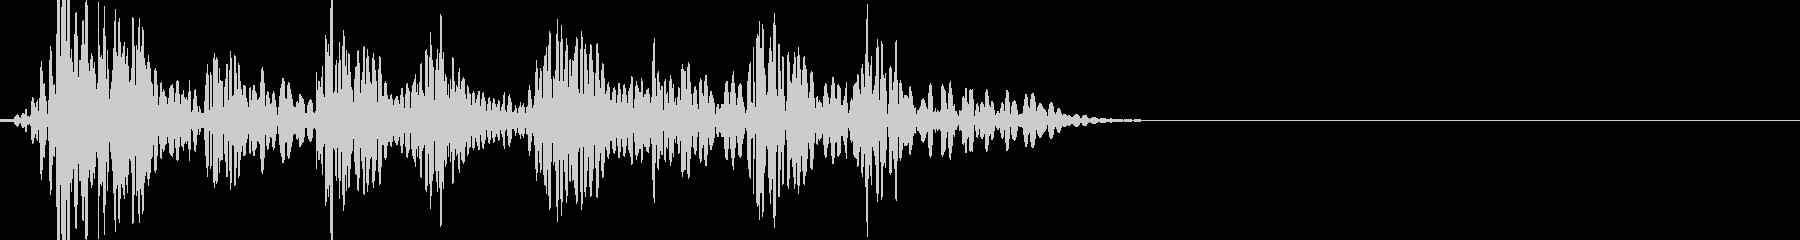 ドカドカドカドカッ(8連発の打撃音)の未再生の波形